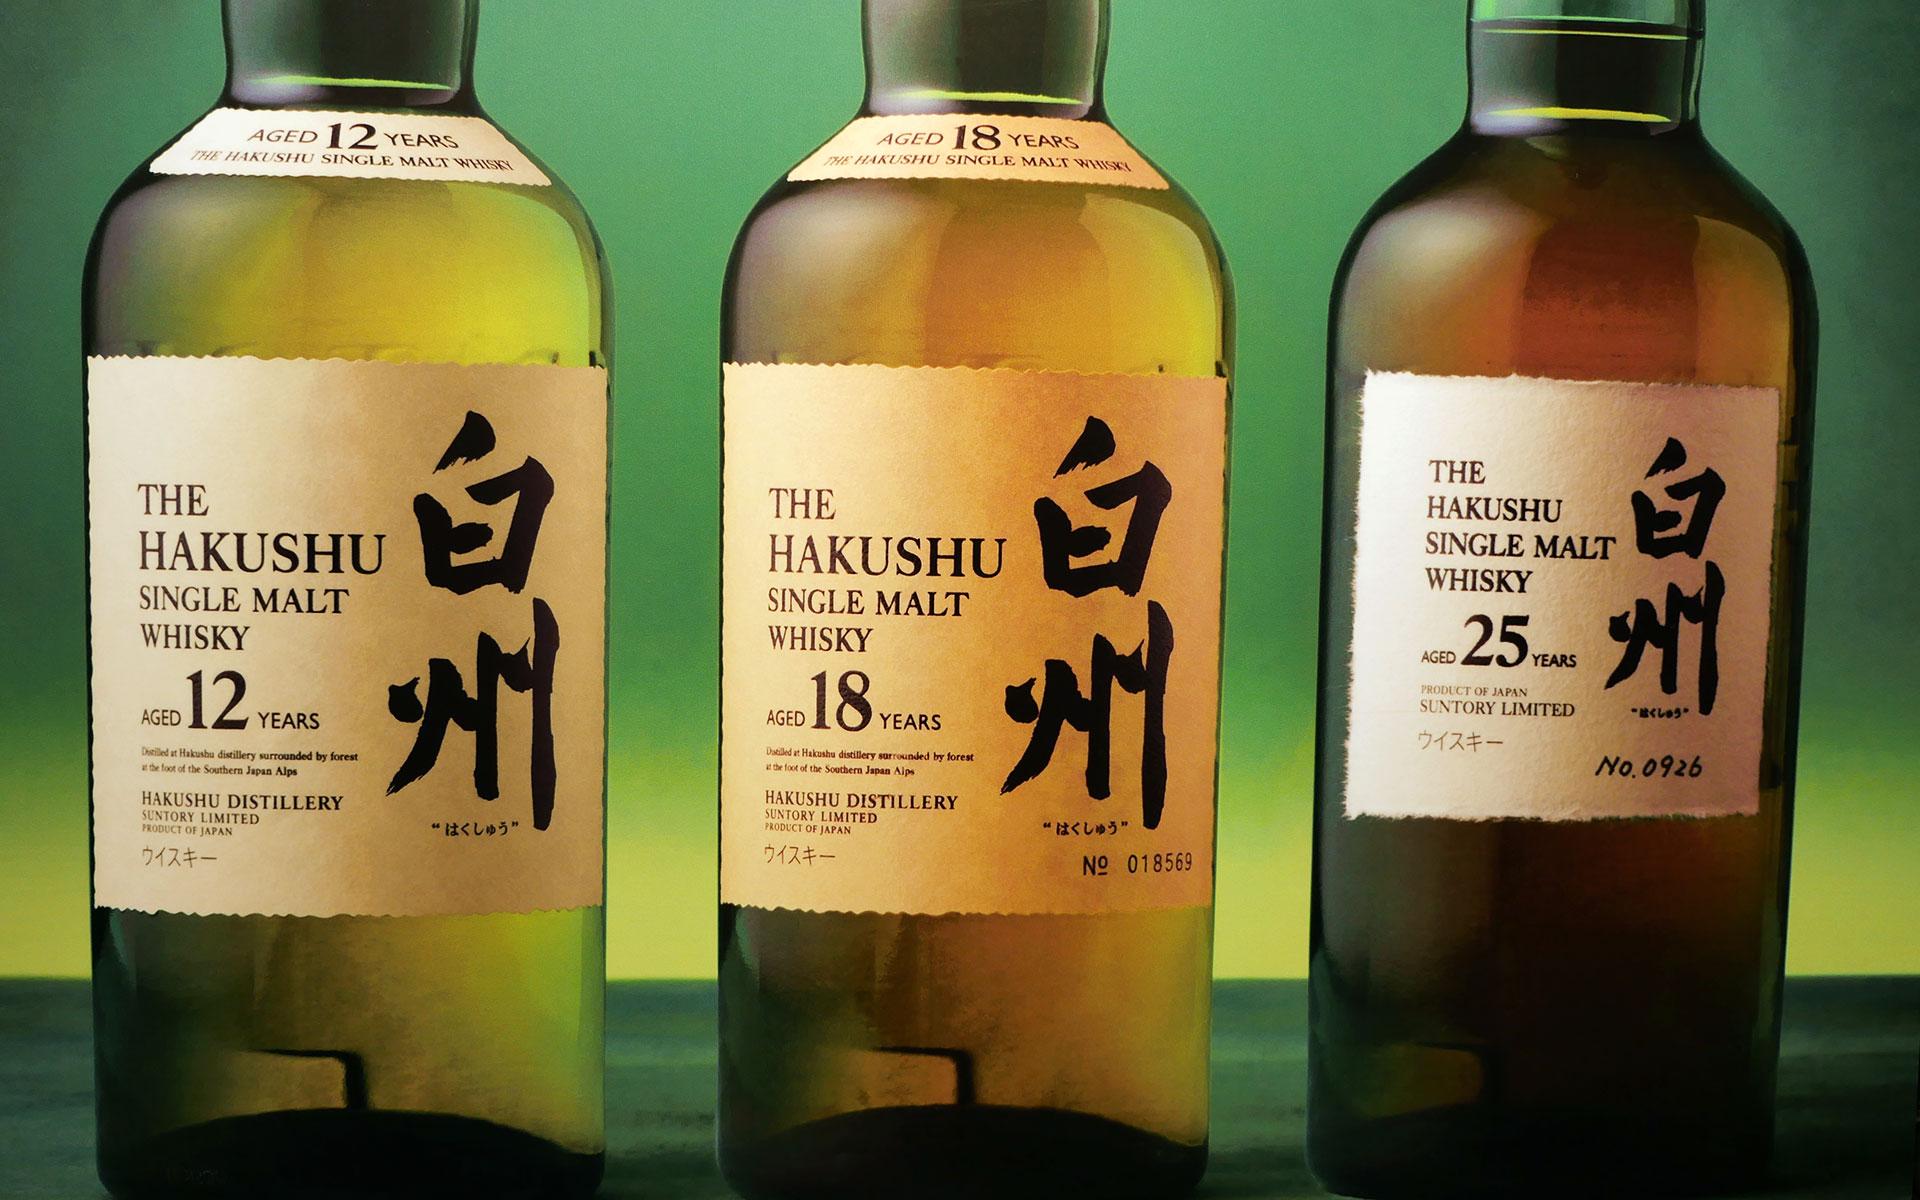 Bye, bye Hakushu! 12 Jahre, 18 Jahre und 25 Jahre sind praktisch nicht mehr erhältlich (Foto: Malt Whisky)